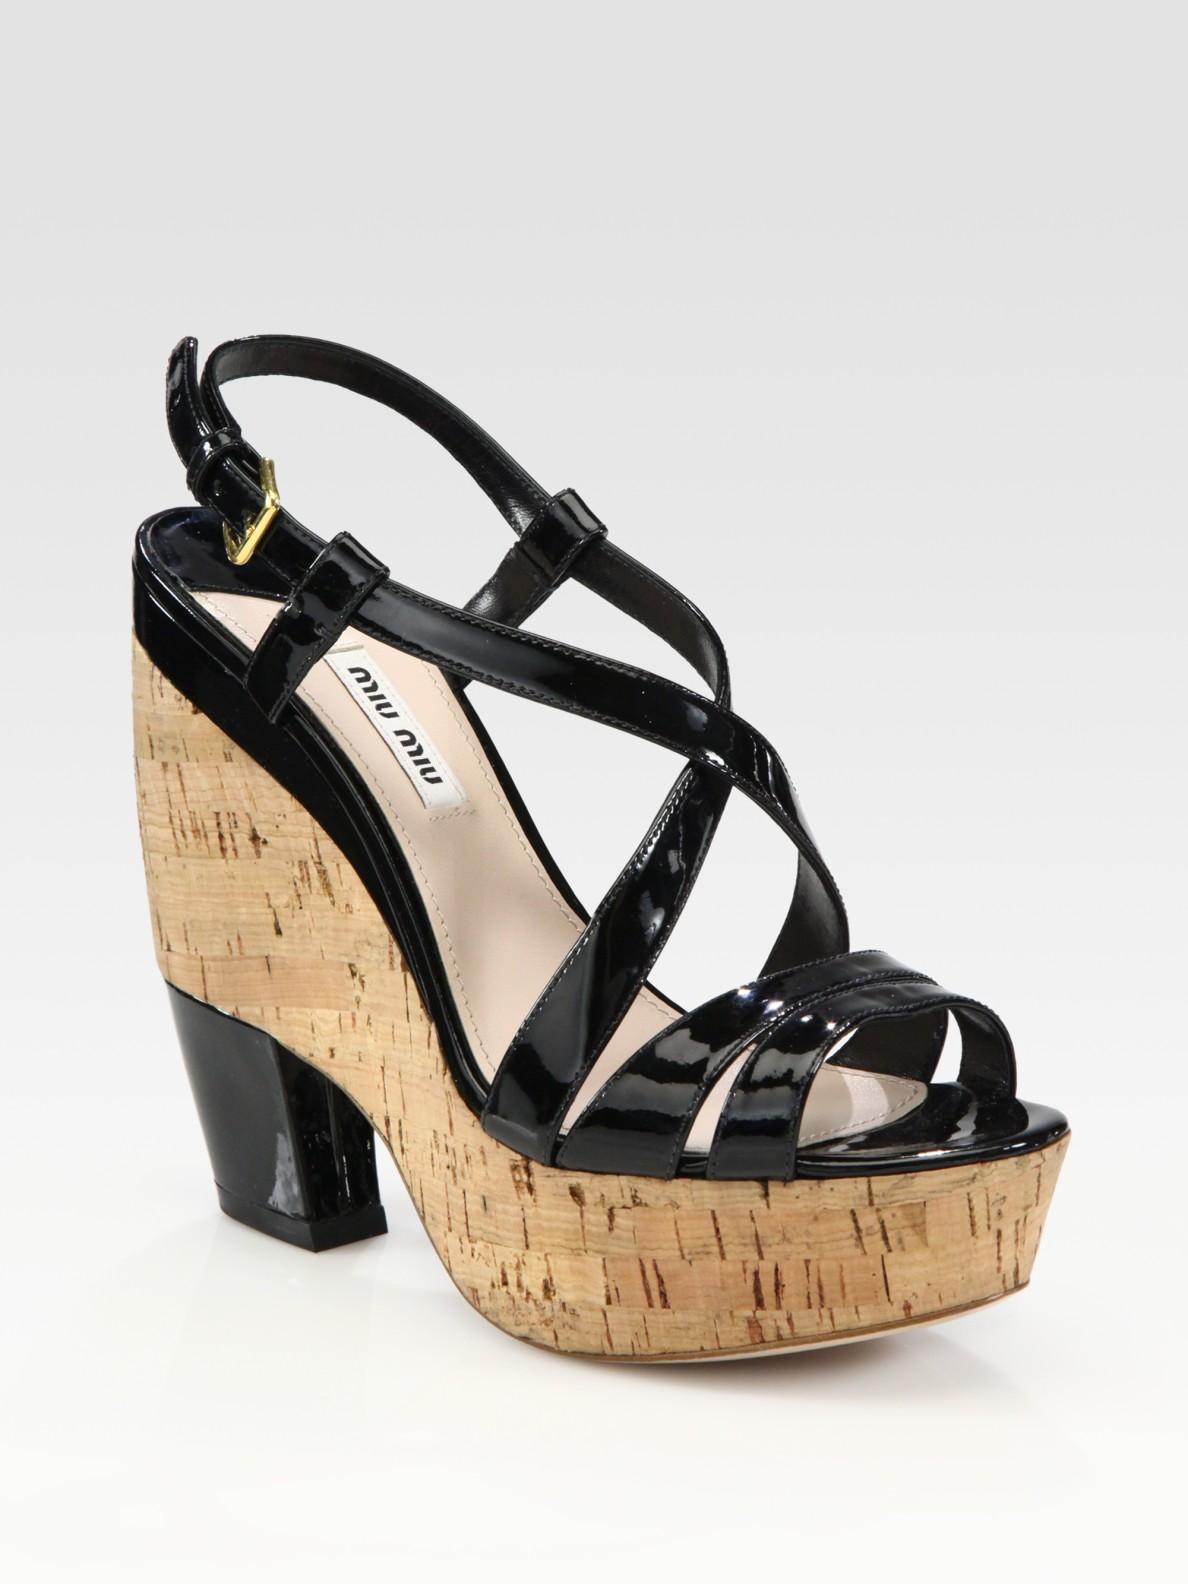 159c9662341 Lyst - Miu Miu Patent Leather Cork Platform Sandals in Orange